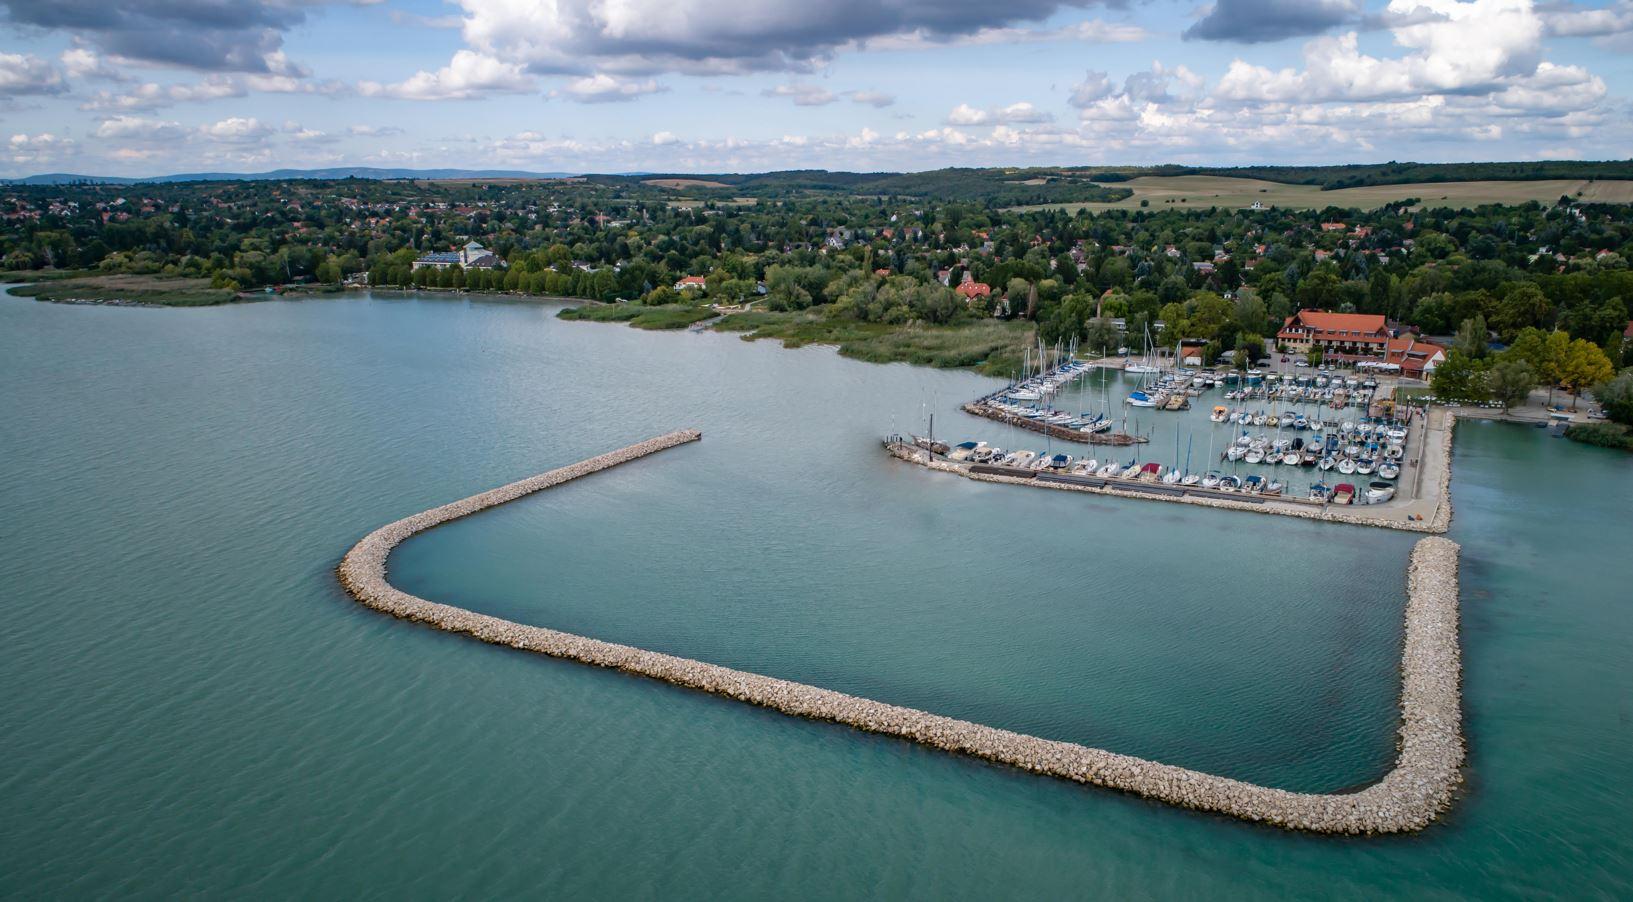 Új kikötőhelyeket adnak át a megújuló BFYC-ben